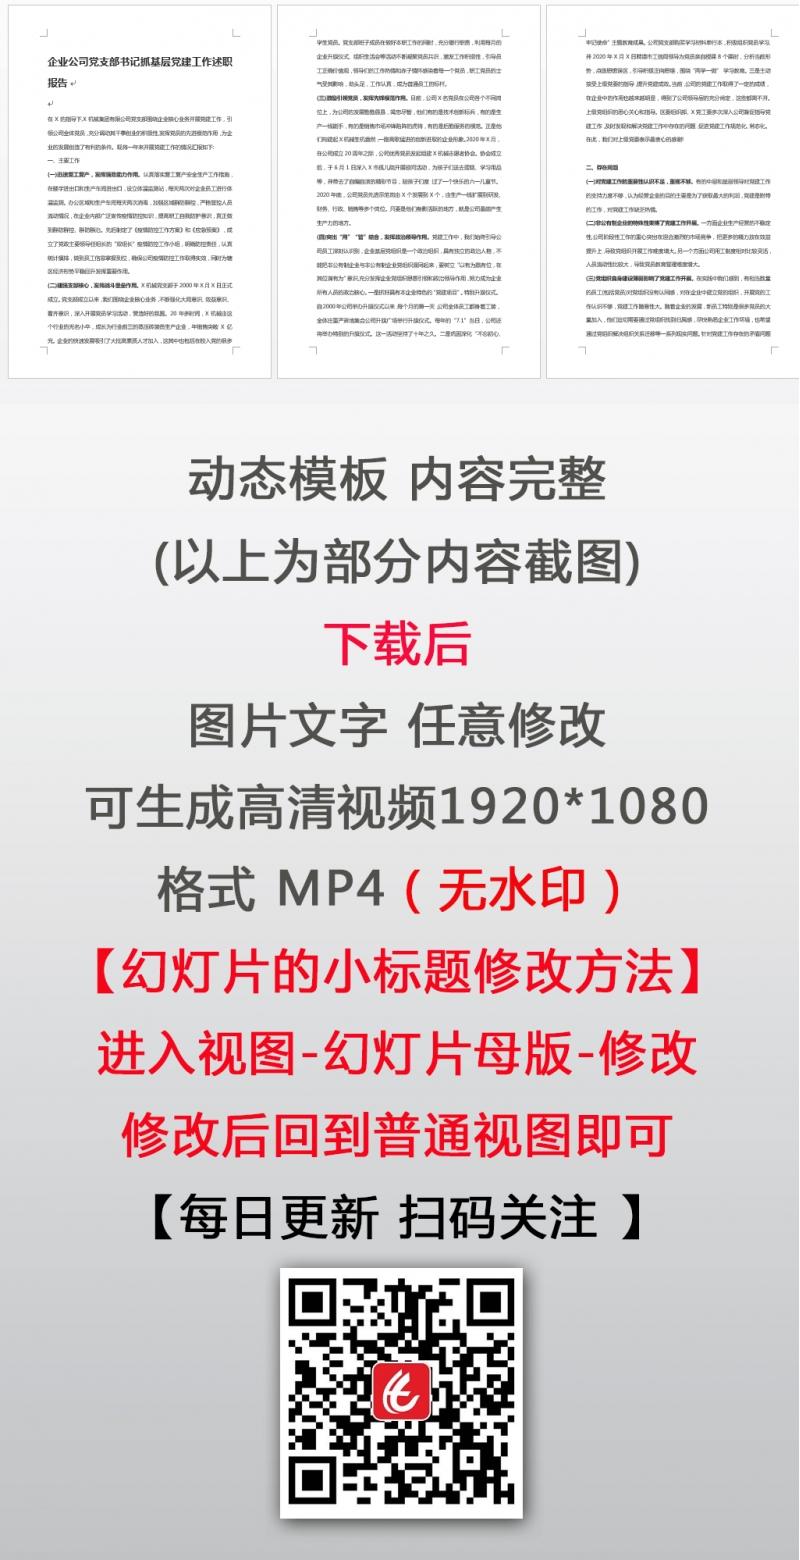 企业公司党支部书记 抓基层党建工作述职报告PPT